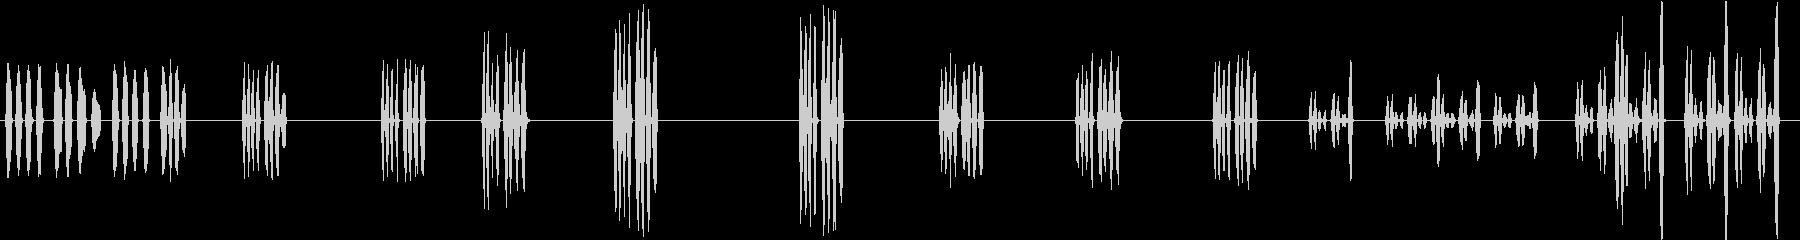 トーンパルスランダムの未再生の波形